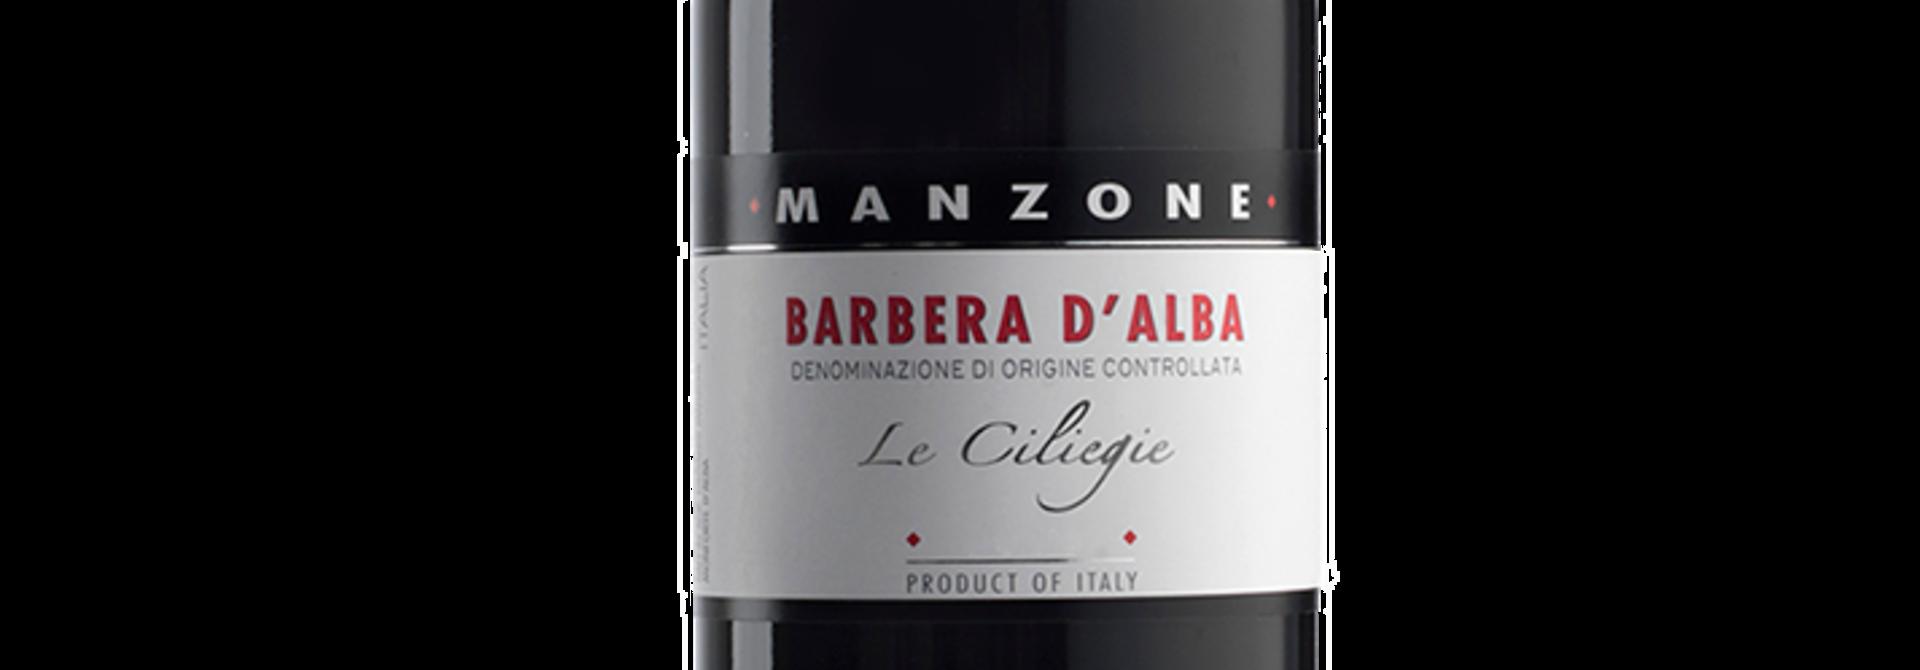 Barbera d Alba le Ciliegie 2017, Giovanni Manzone